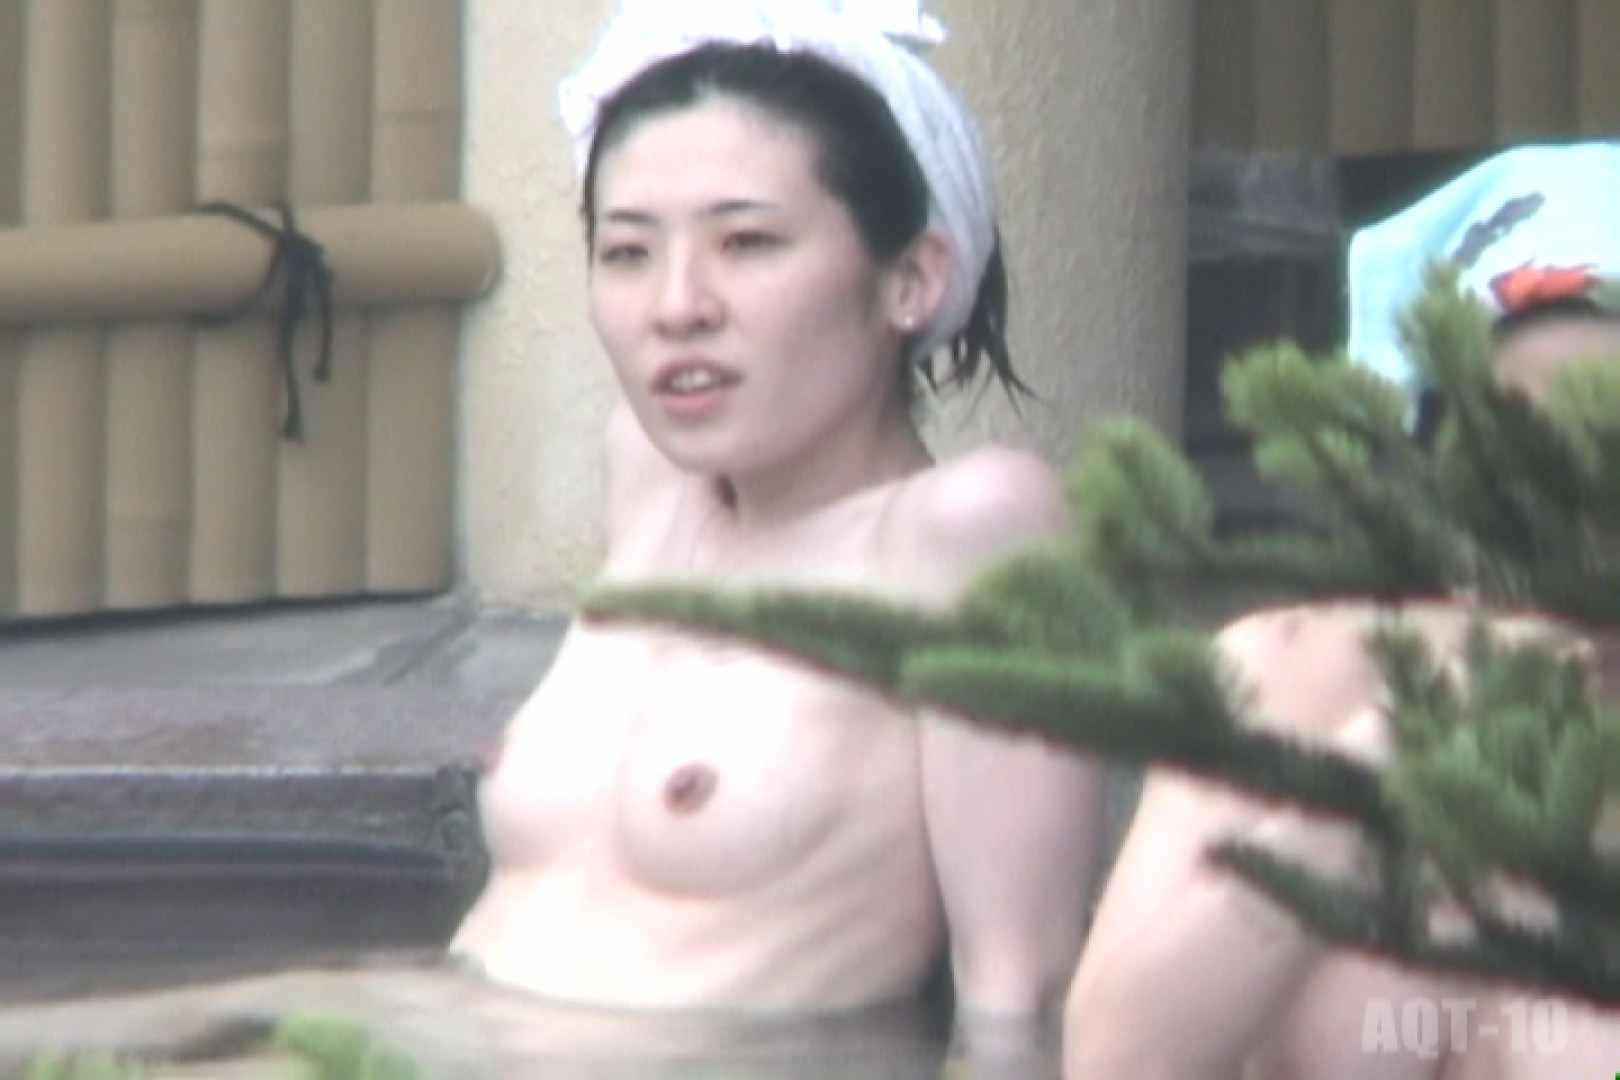 Aquaな露天風呂Vol.793 露天 | 盗撮特集  56画像 40